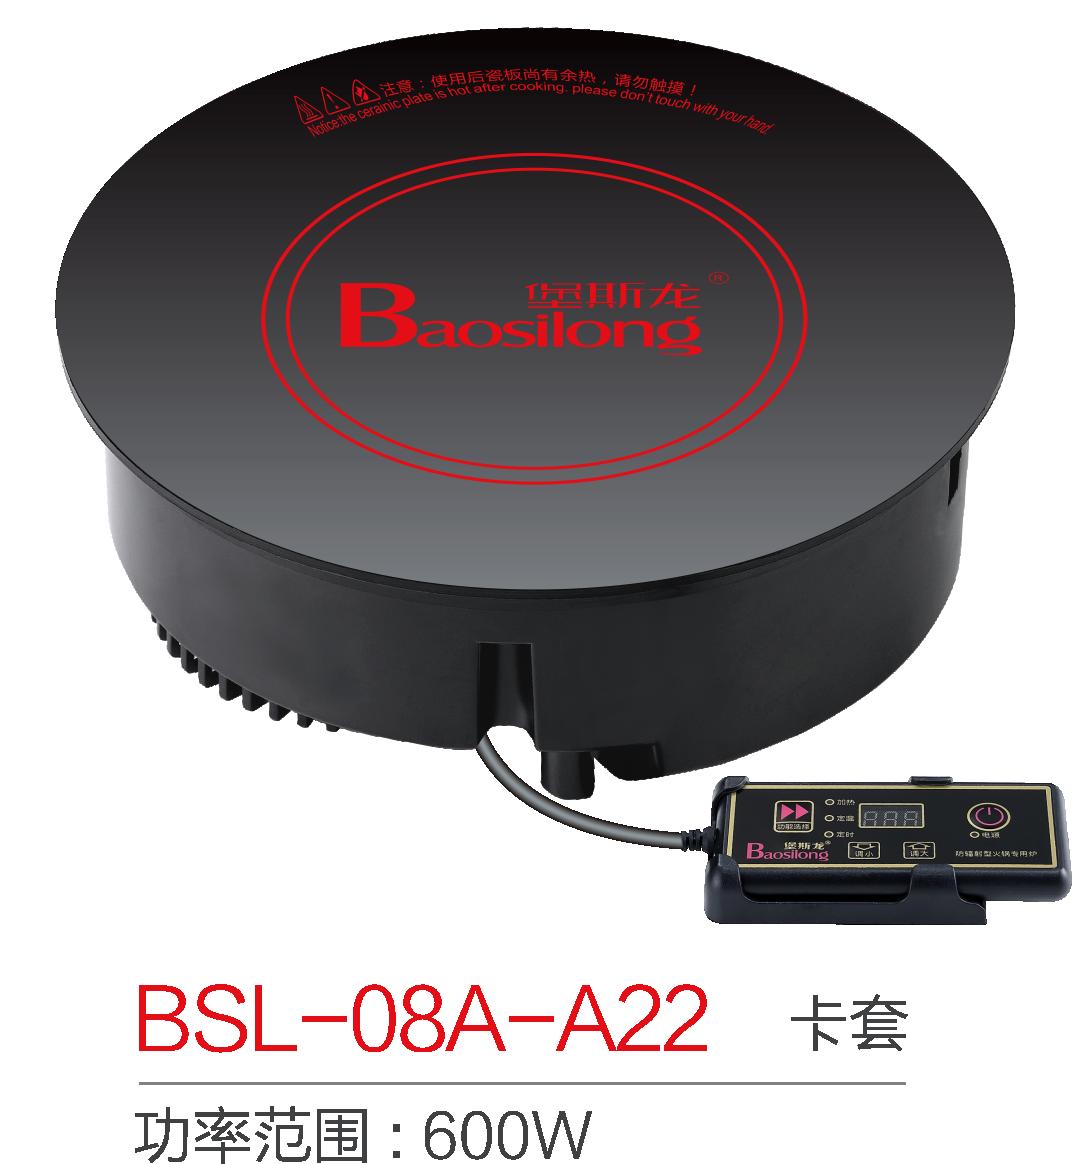 BSL-08A-A22卡套